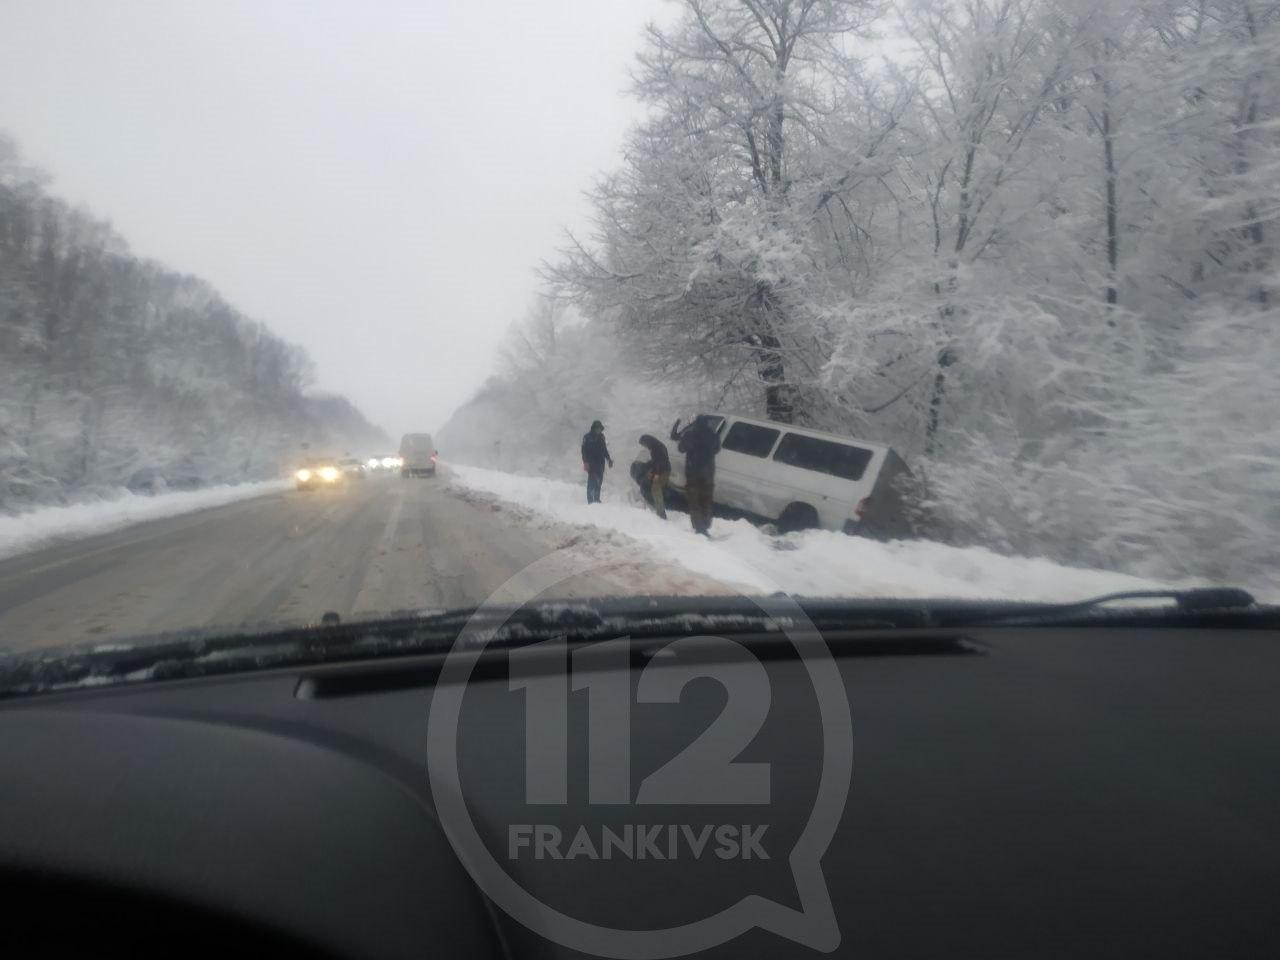 Негода на Прикарпатті: водії назвали найгірші дороги для проїзду (ФОТОФАКТ, ОНОВЛЕНО)